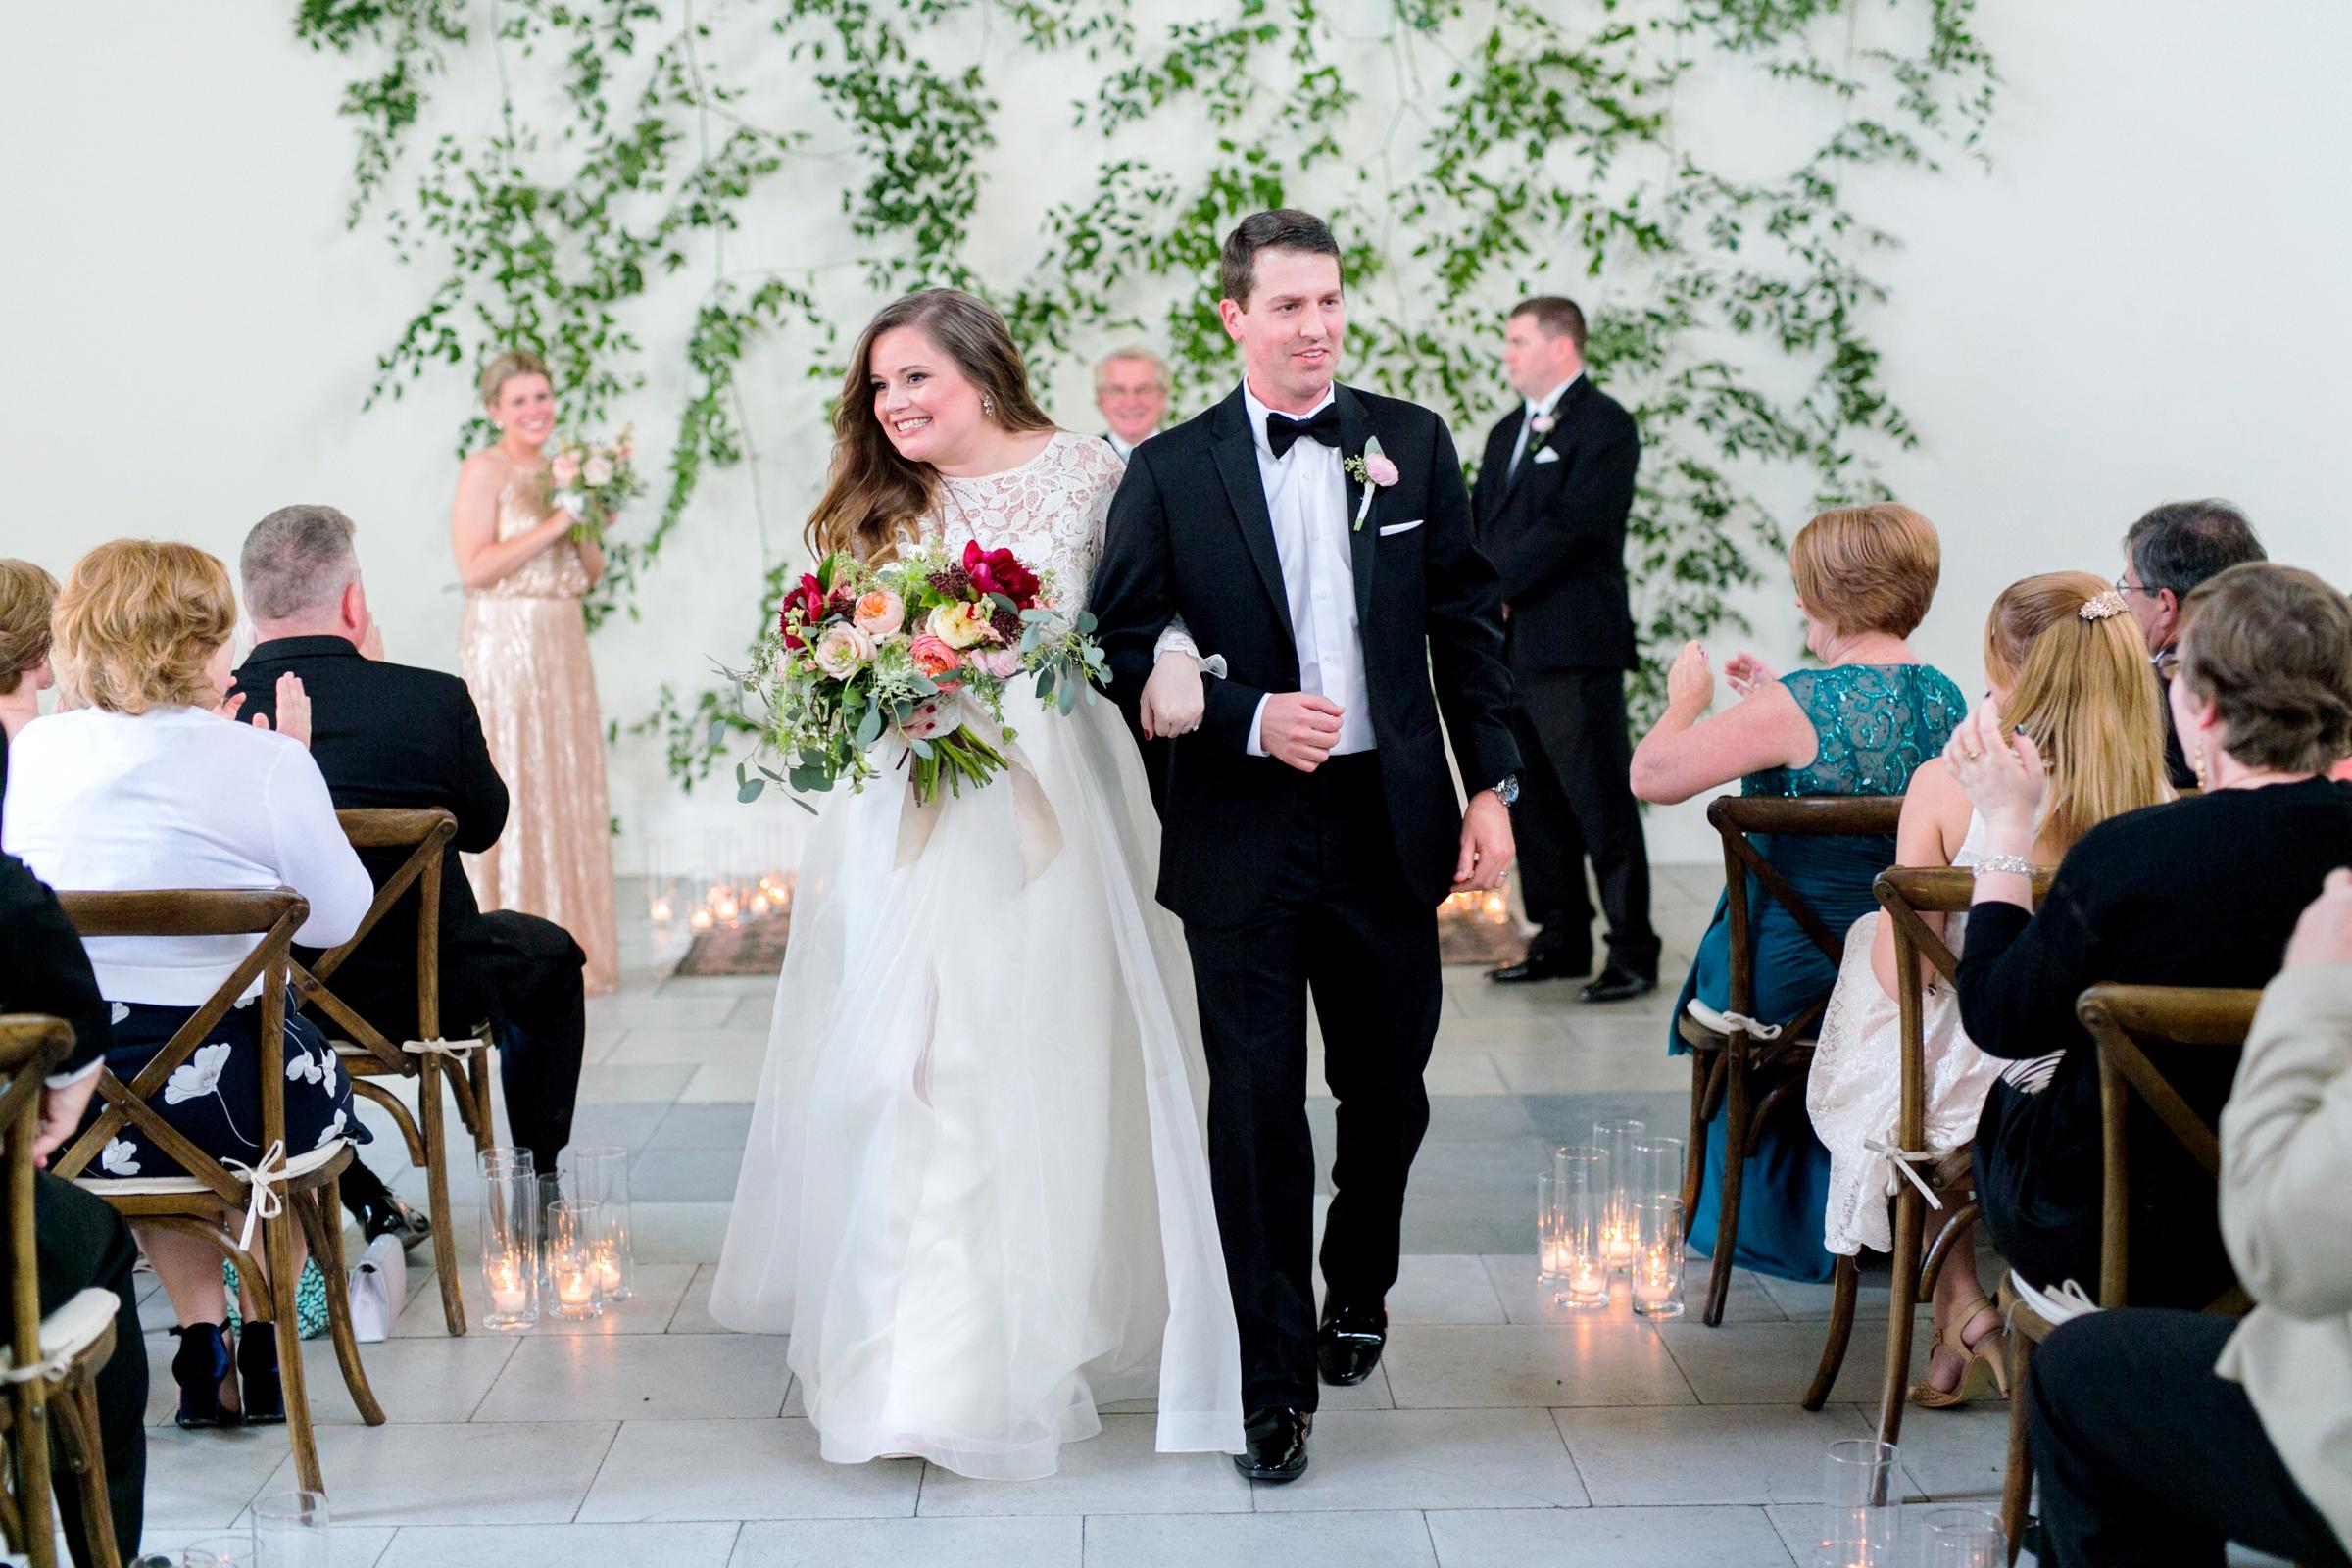 rosemary_beach_wedding_photographer_shannon_griffin_0026.jpg